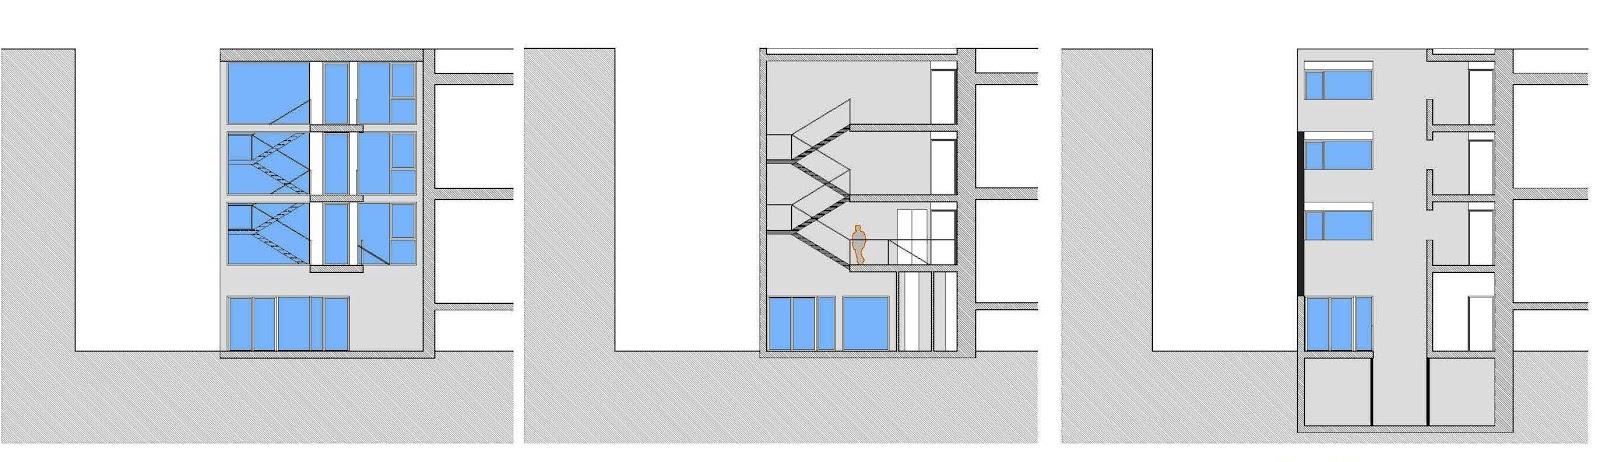 Miguel cayuelas arquitectura residencia de investigadores - Arquitectura tecnica sevilla ...